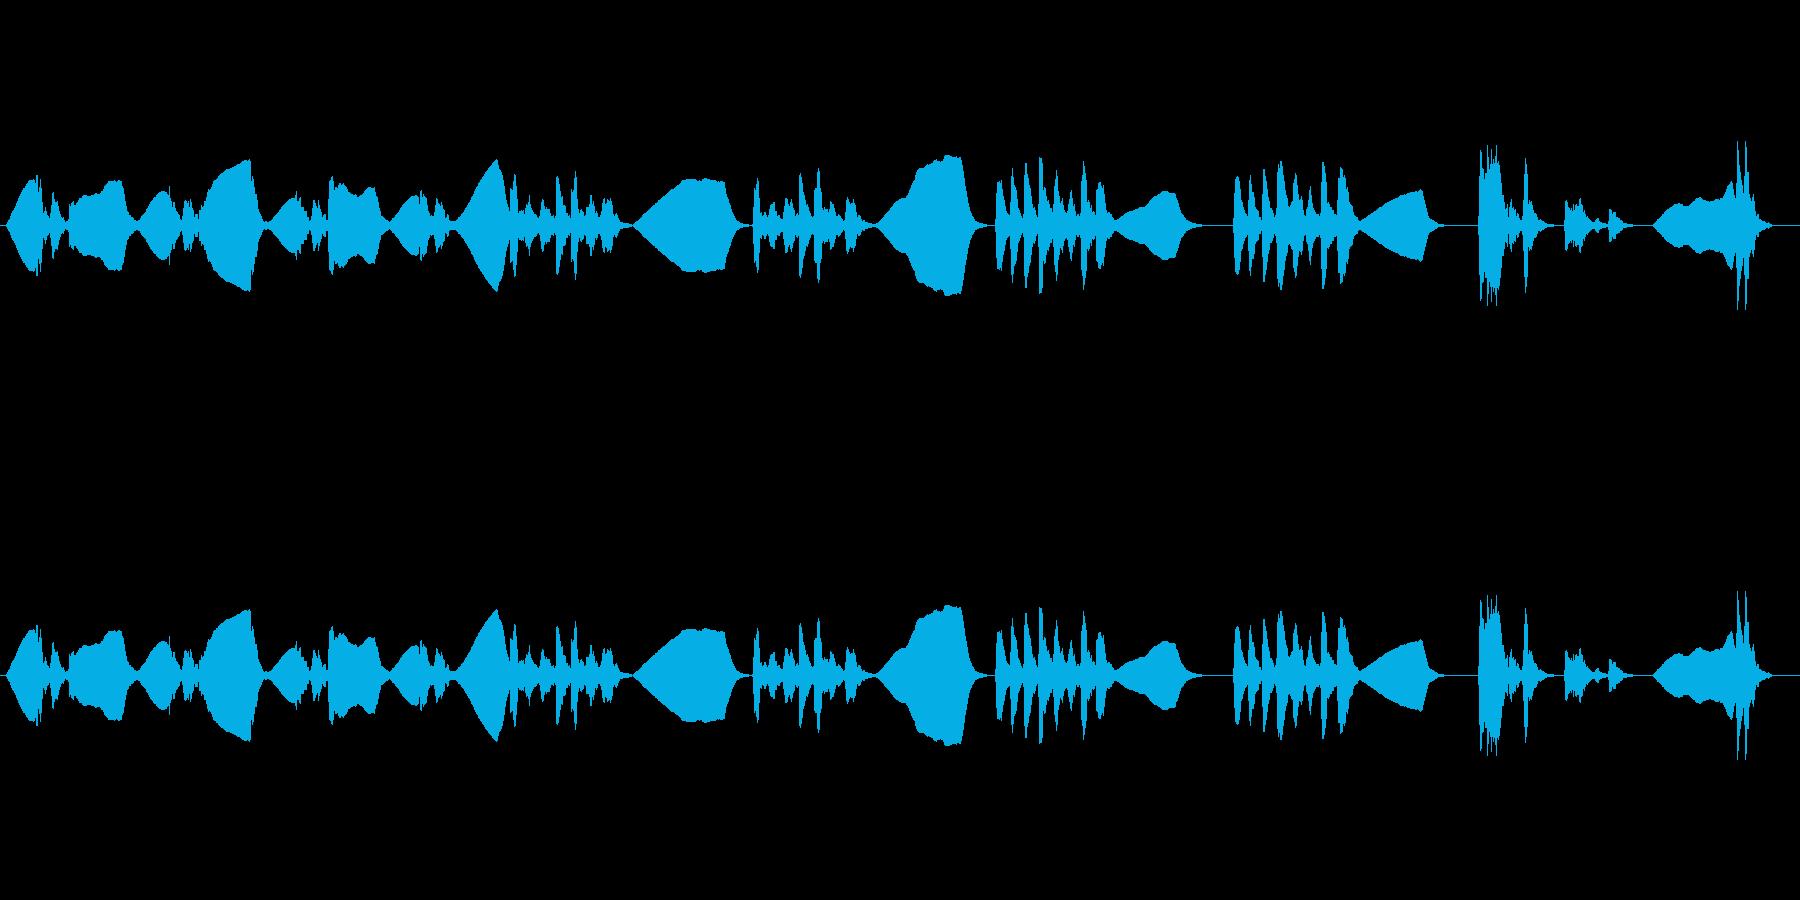 ファゴットソロのゆる~い曲の再生済みの波形